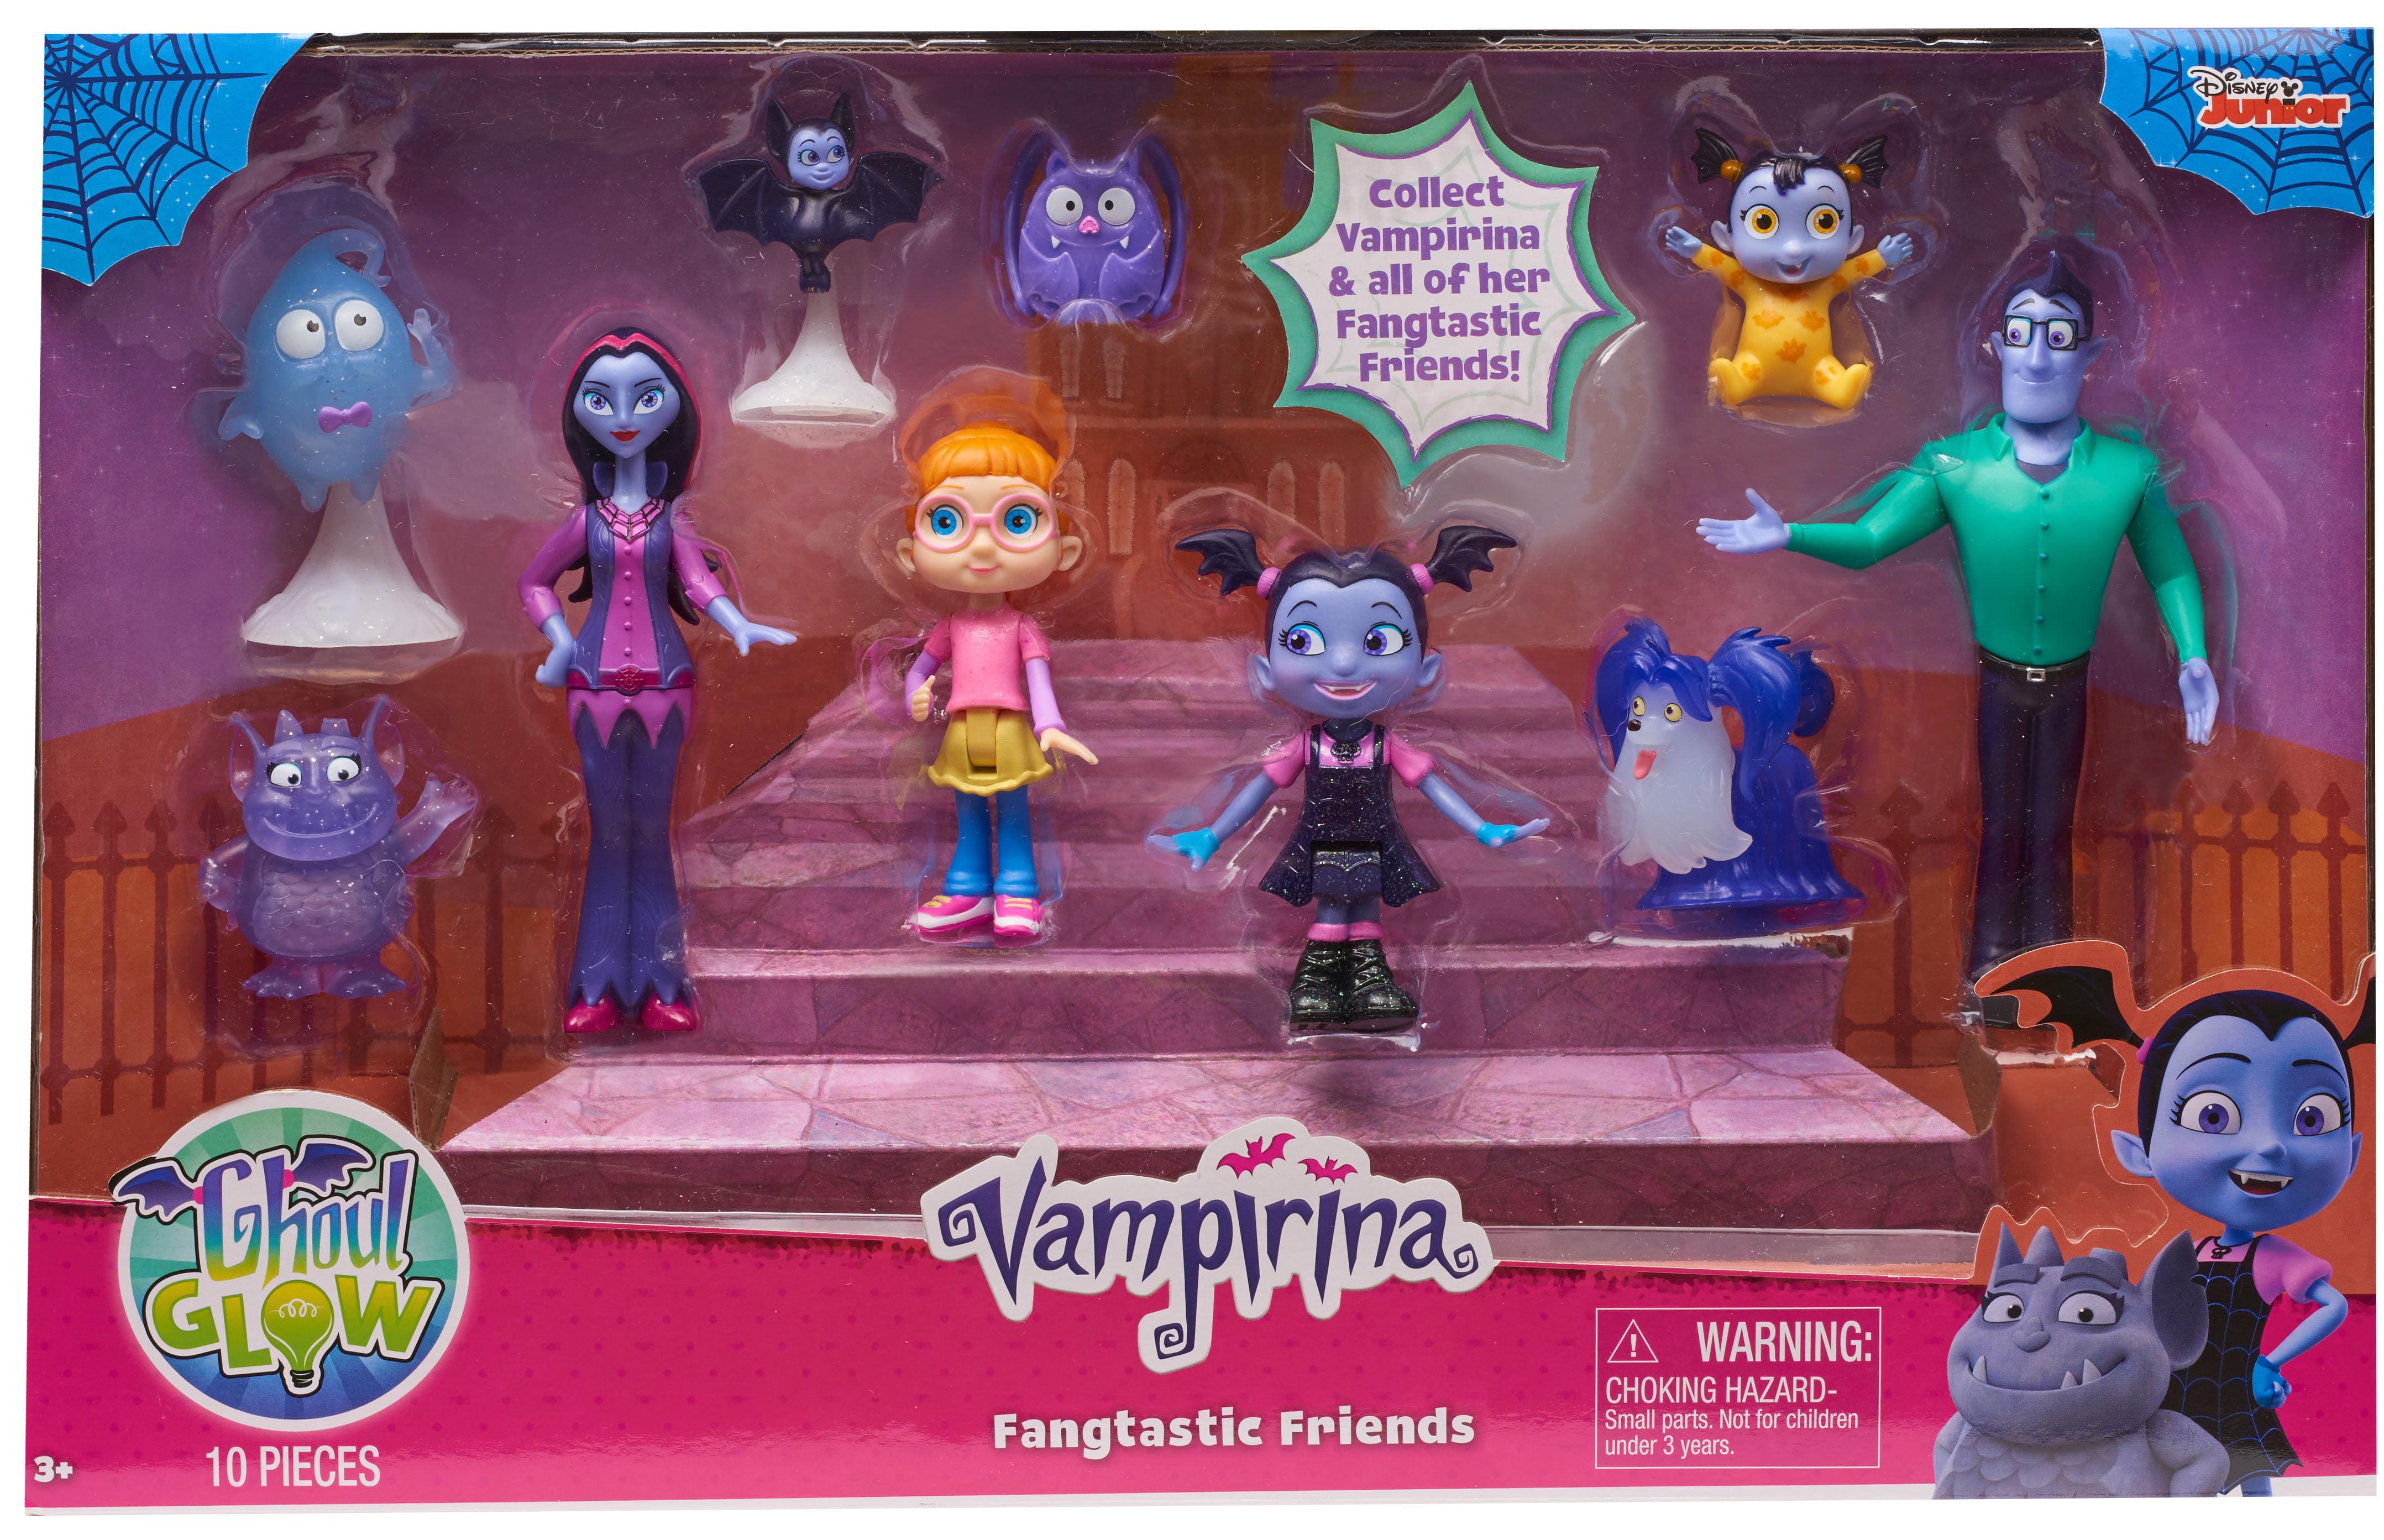 Vampirina Fangtastic Friends Set Walmart Com